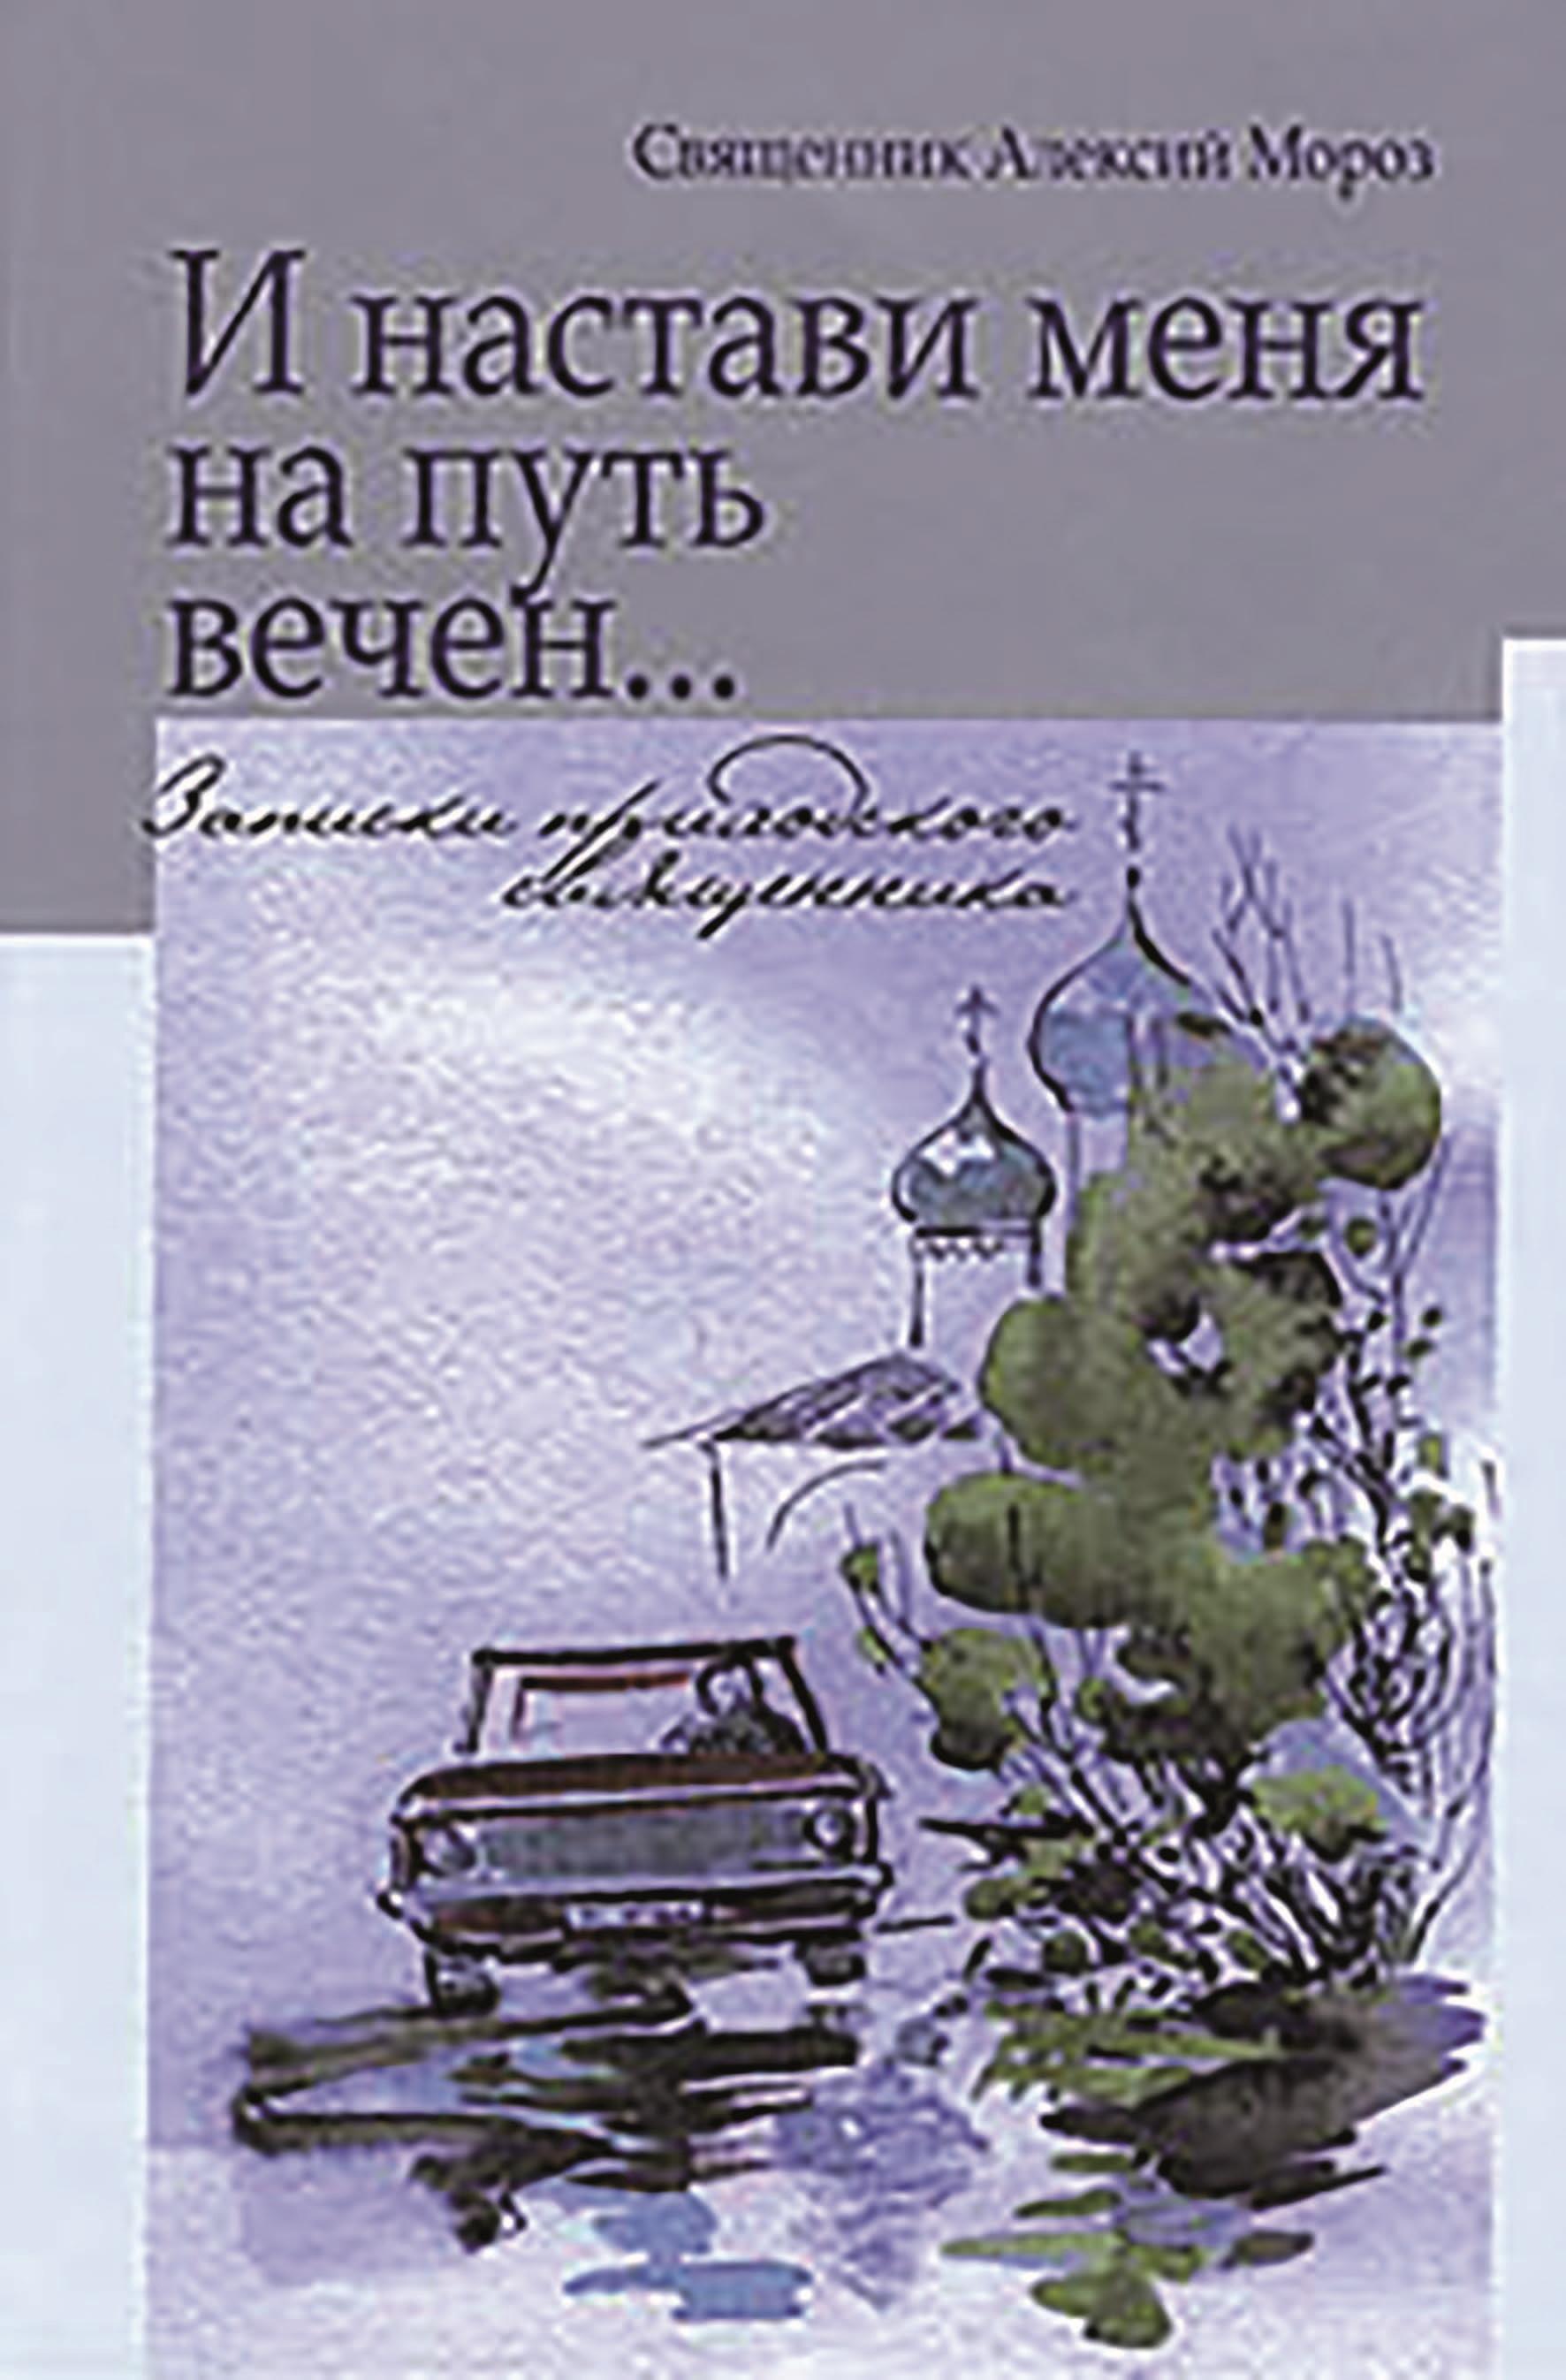 Купить книгу И настави меня на путь вечен… Записки приходского священника, автора священника Алексий Мороз